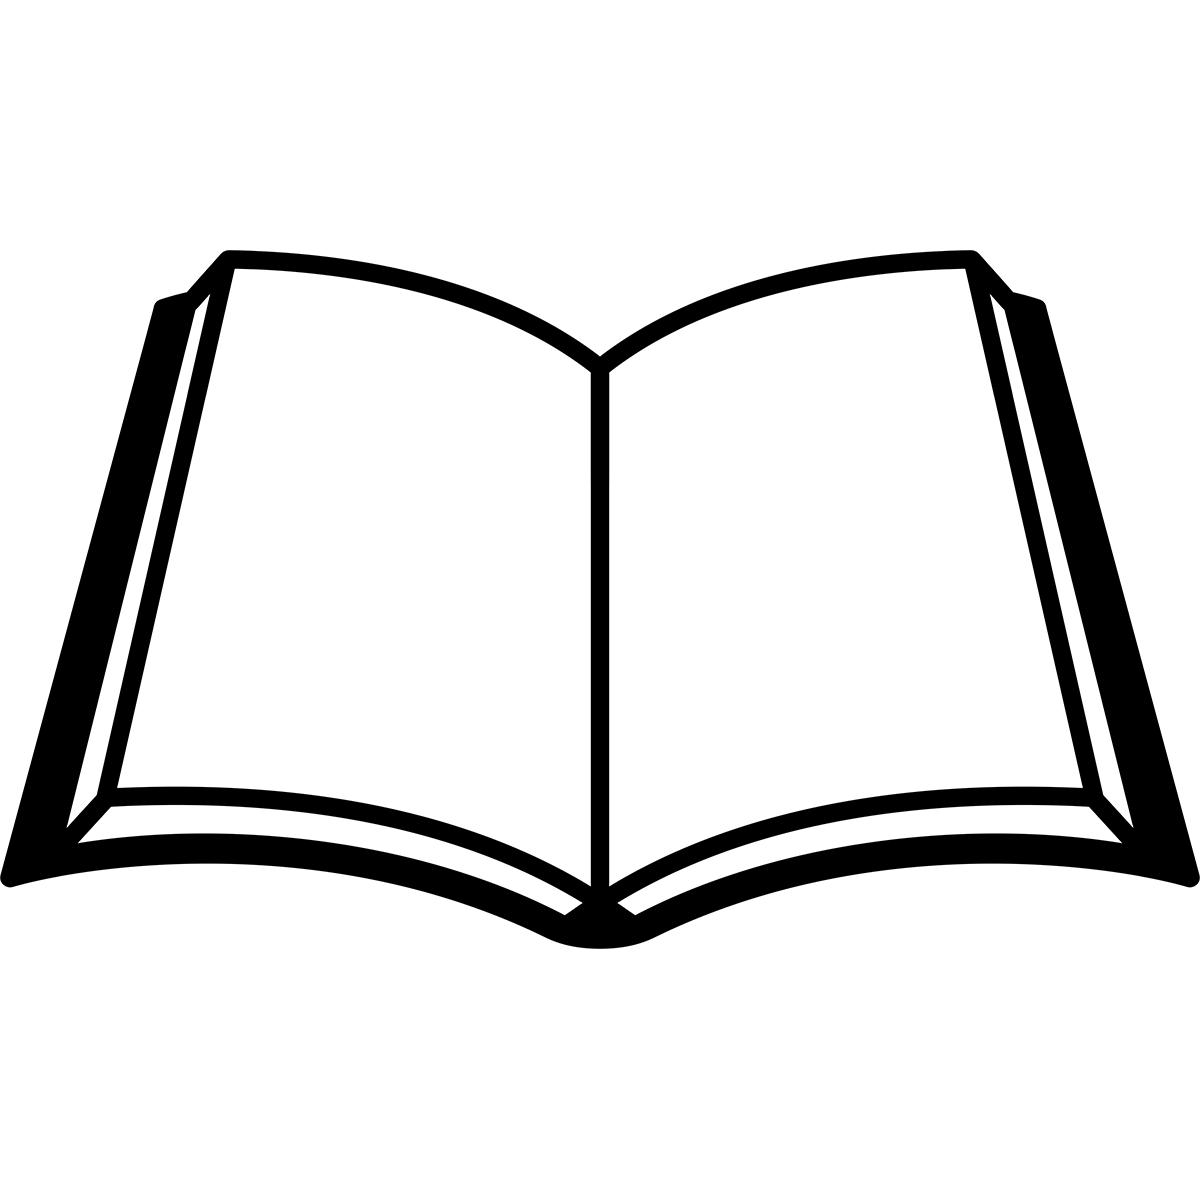 【アイコン】本の無料イラスト